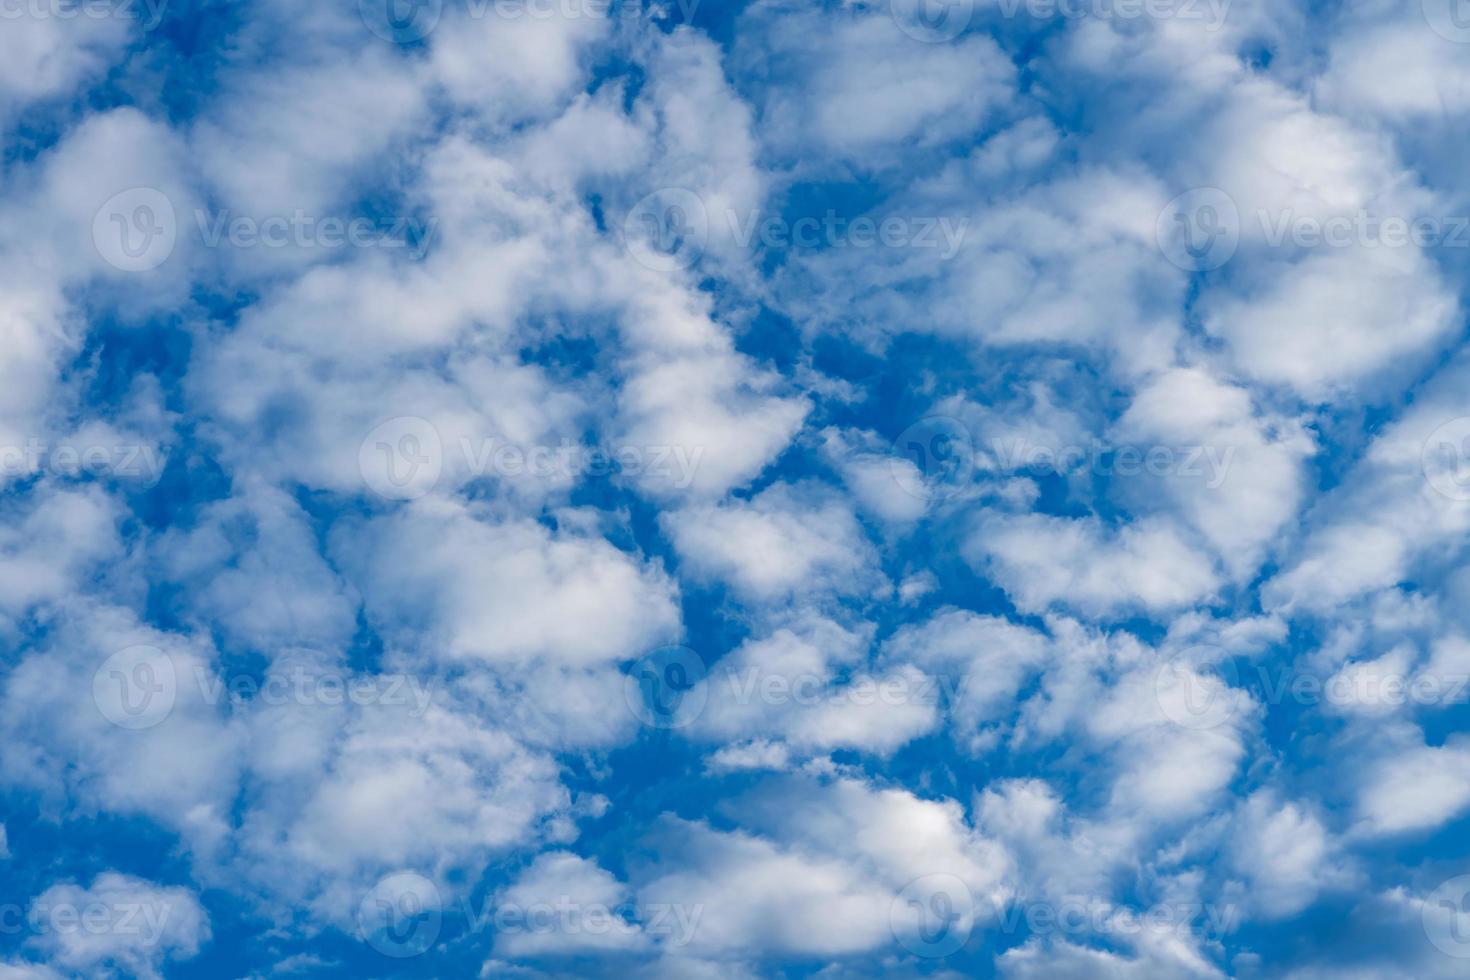 blauwe hemelachtergrond met pluizige witte wolken foto